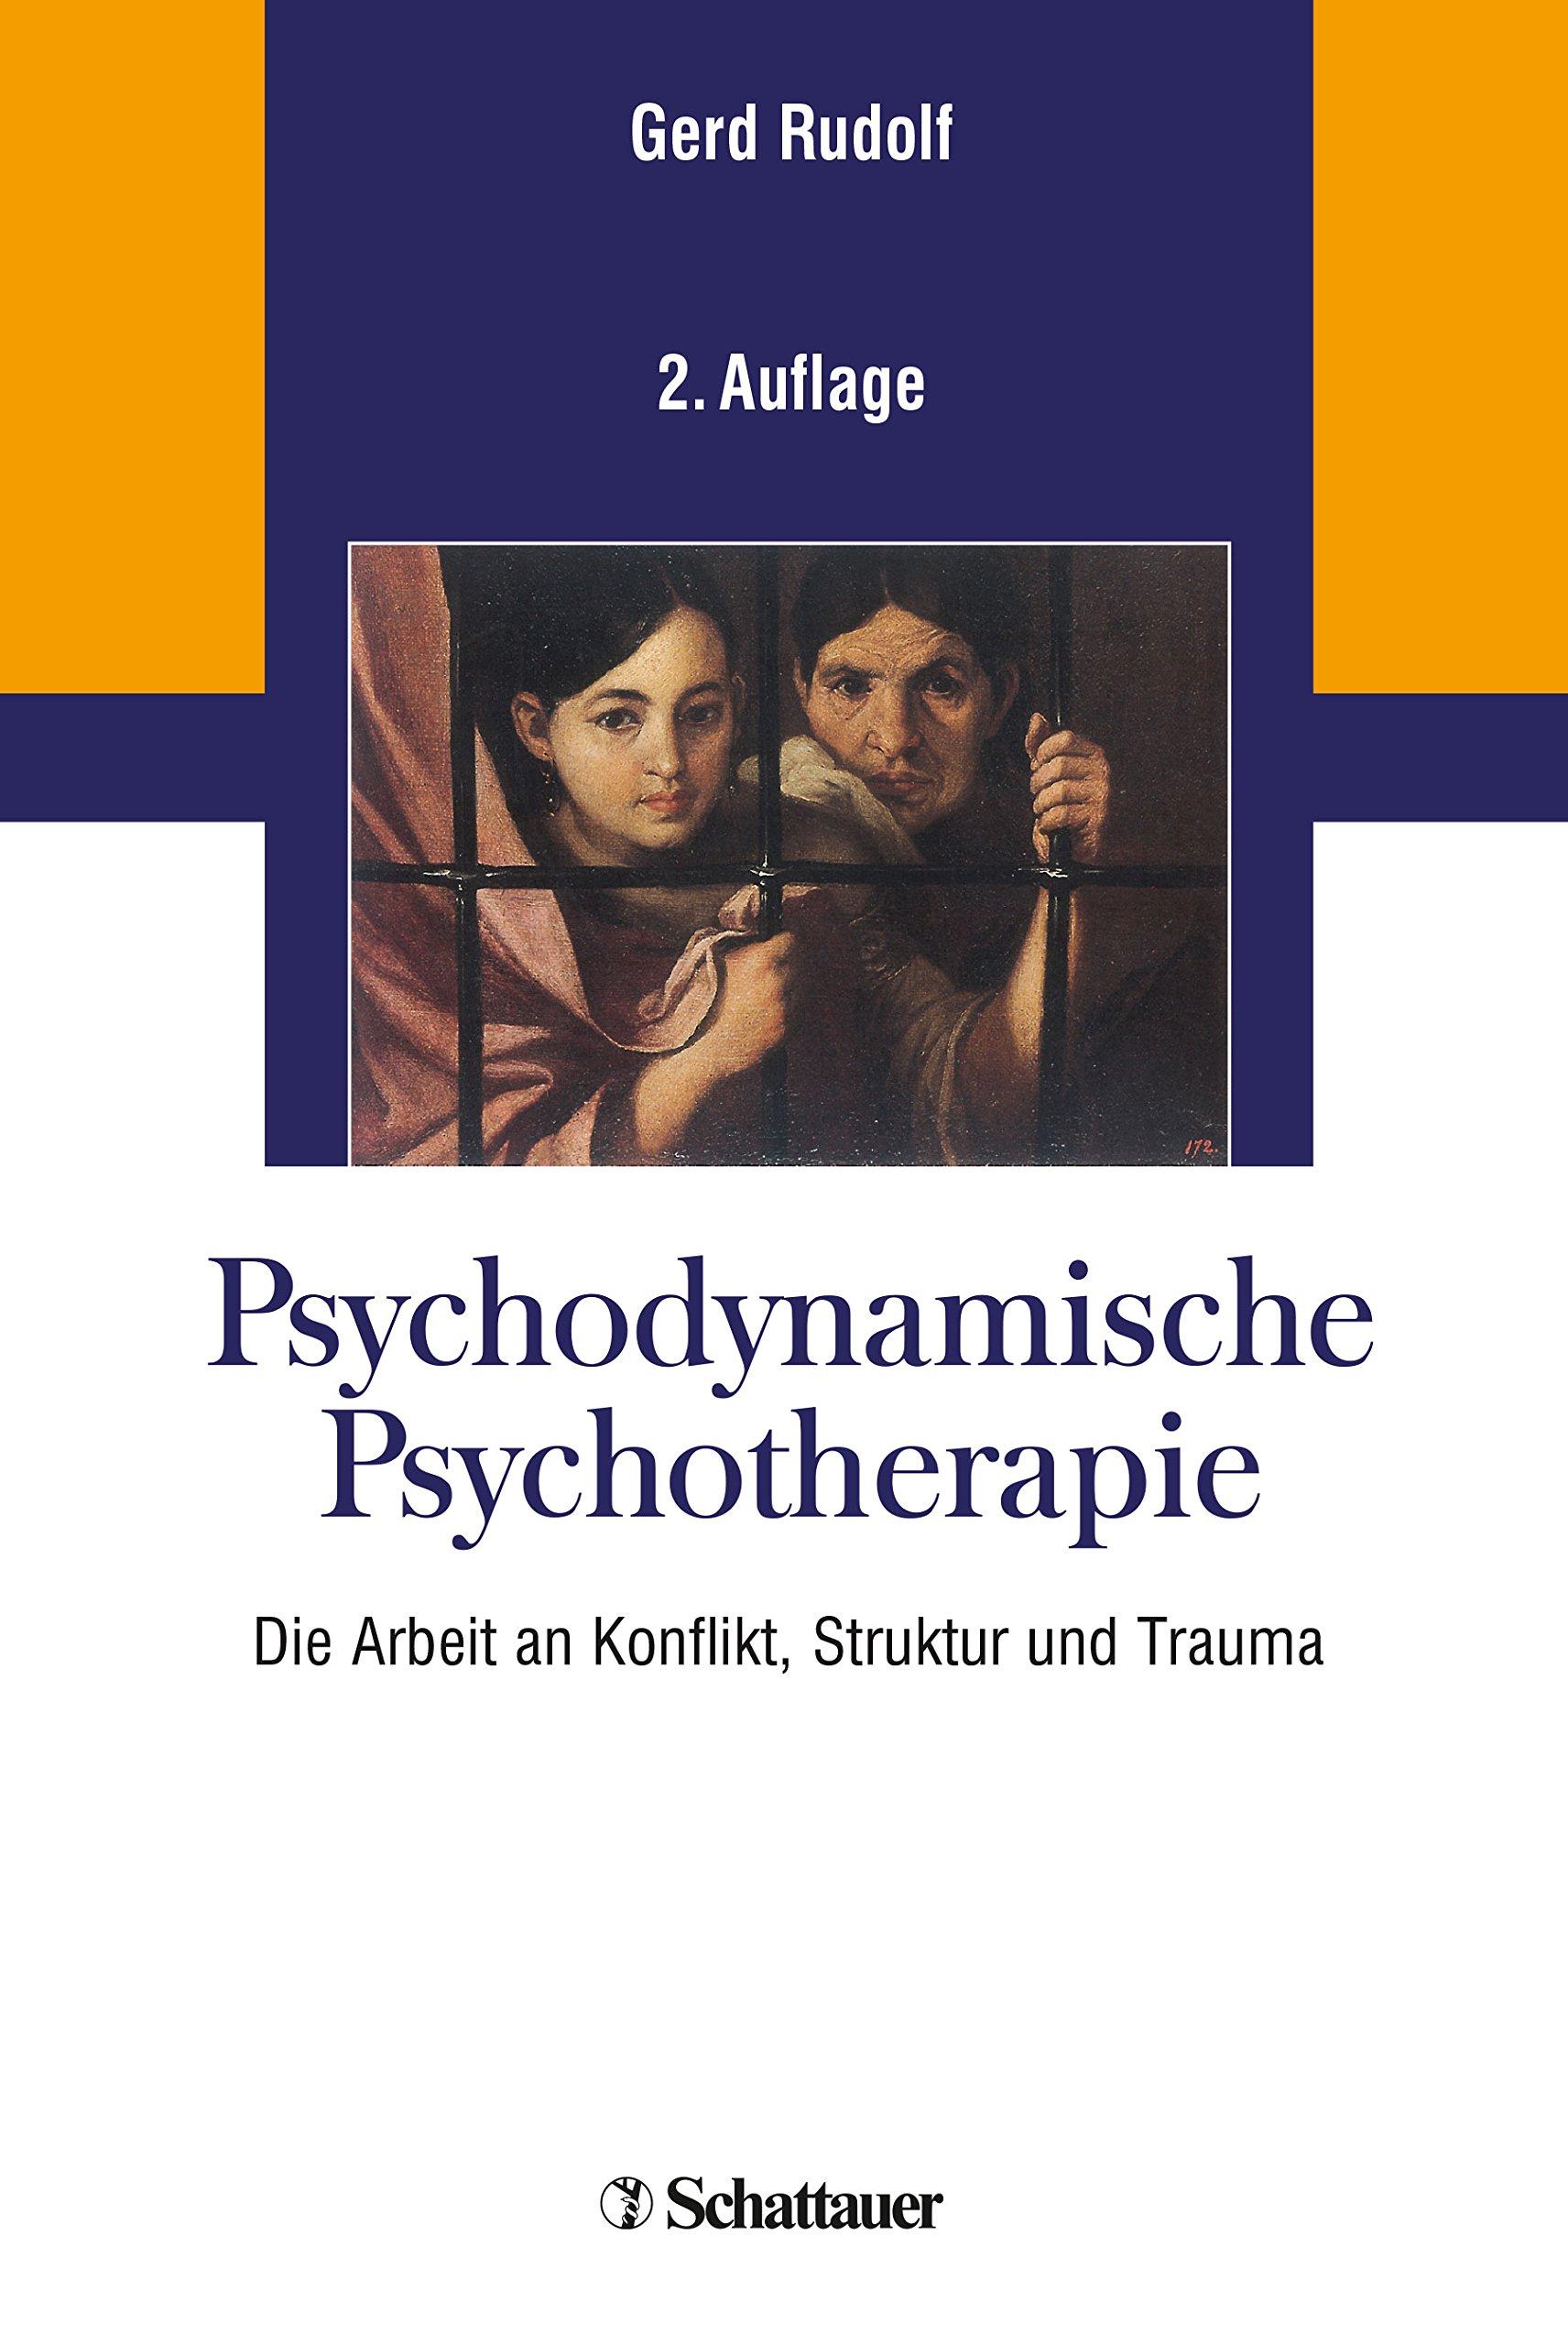 Psychodynamische Psychotherapie: Die Arbeit an Konflikt, Struktur und Trauma